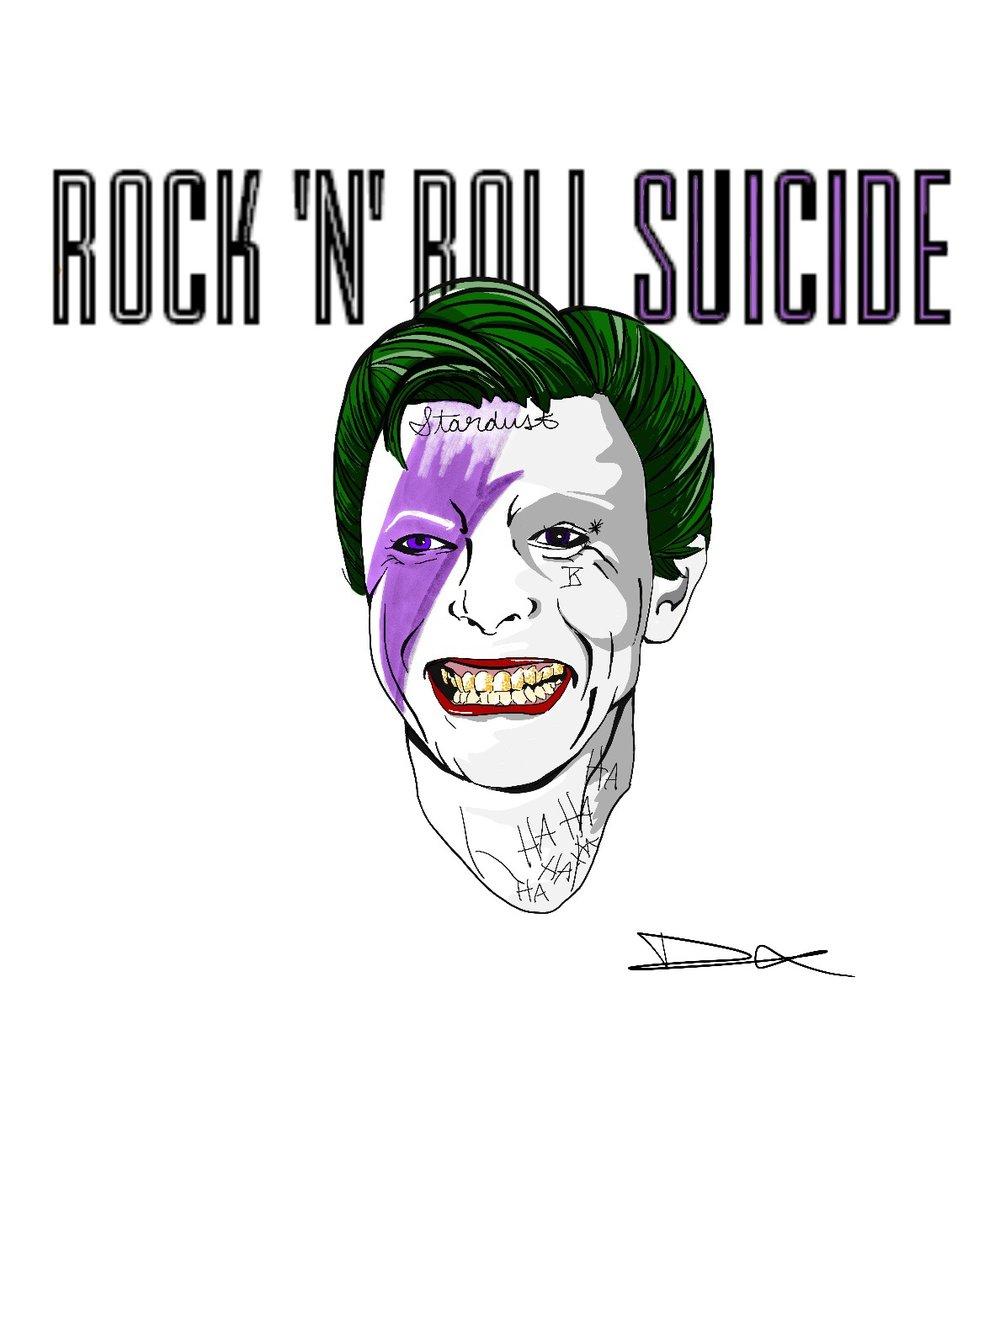 RnR Suicide